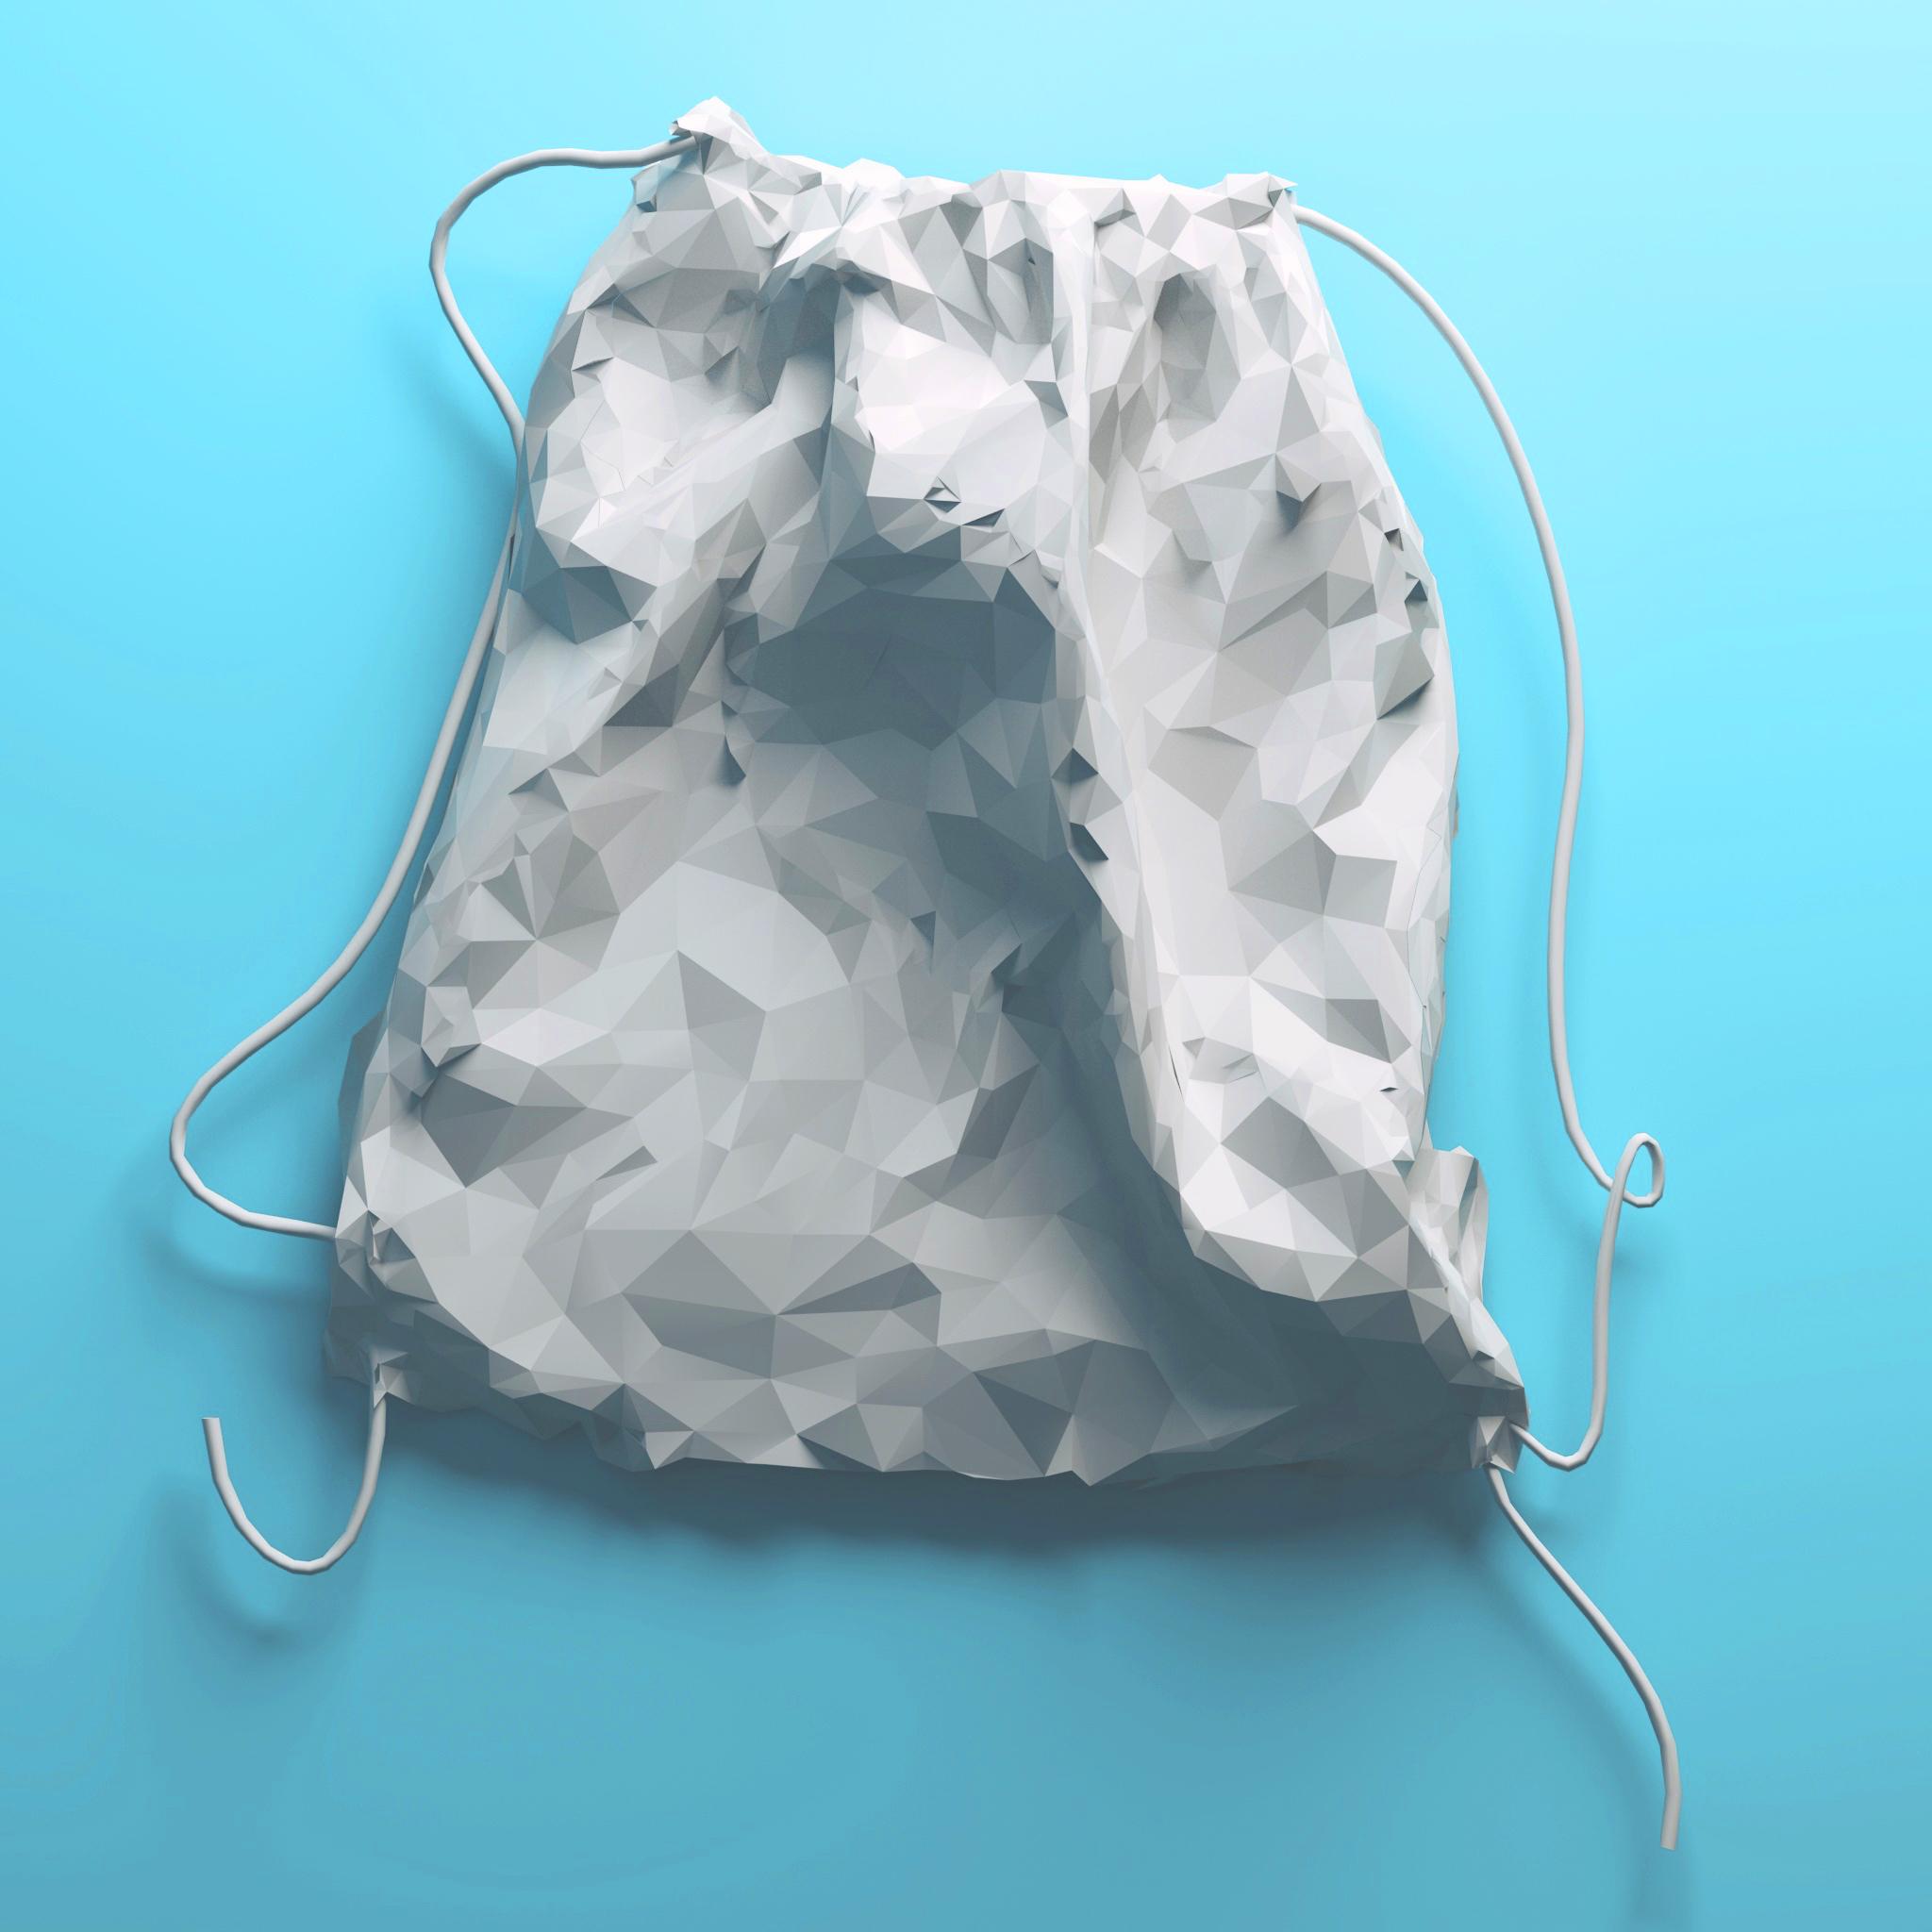 dust_bag_low_poly (1).jpg